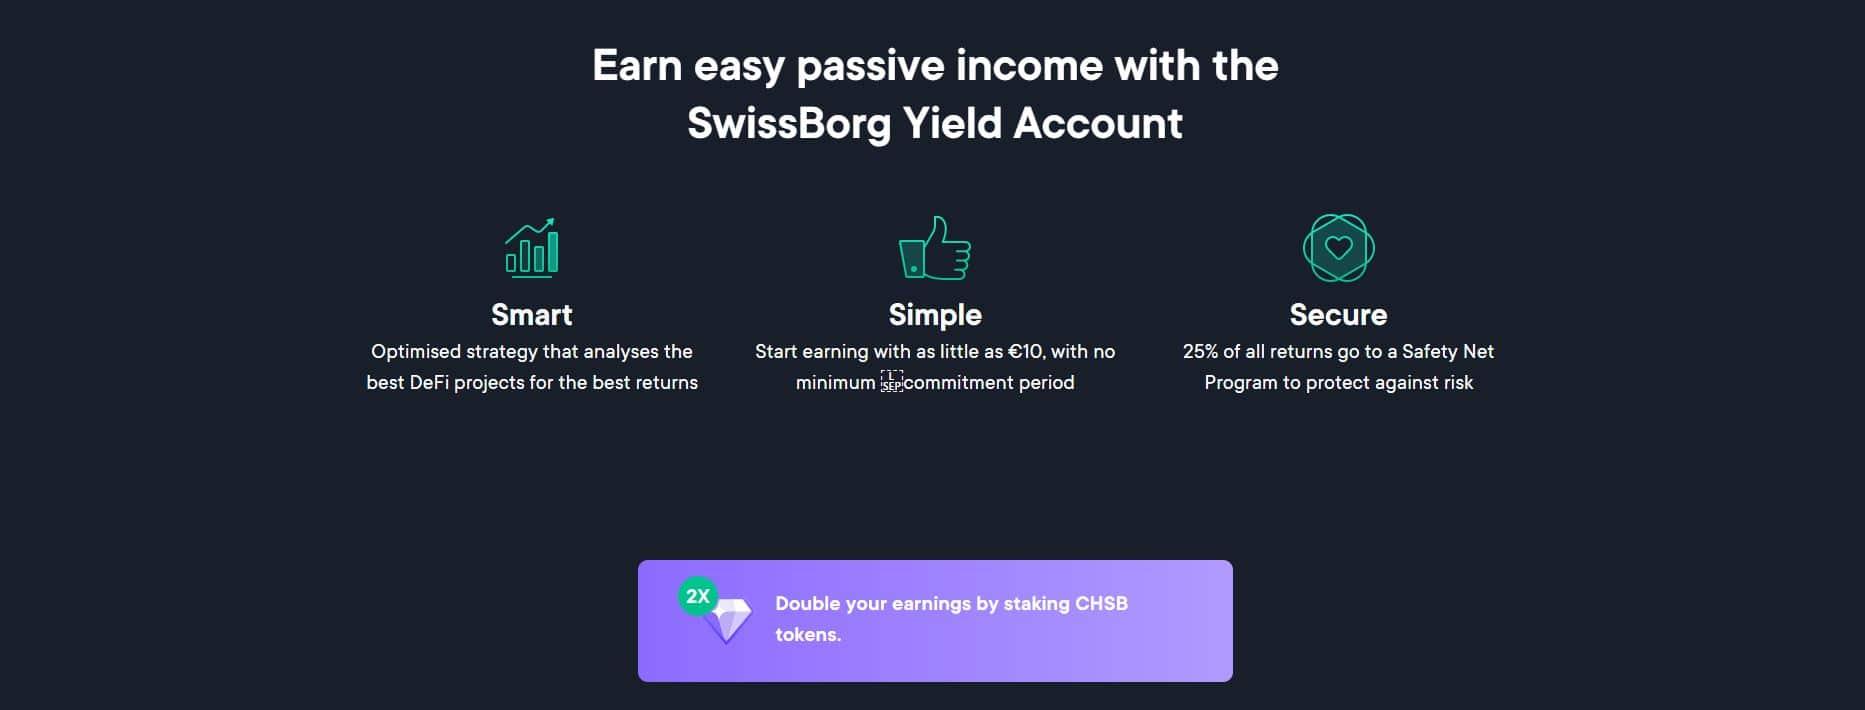 Les valeurs du nouveau produit de Swissborg, le Smart Yield Account